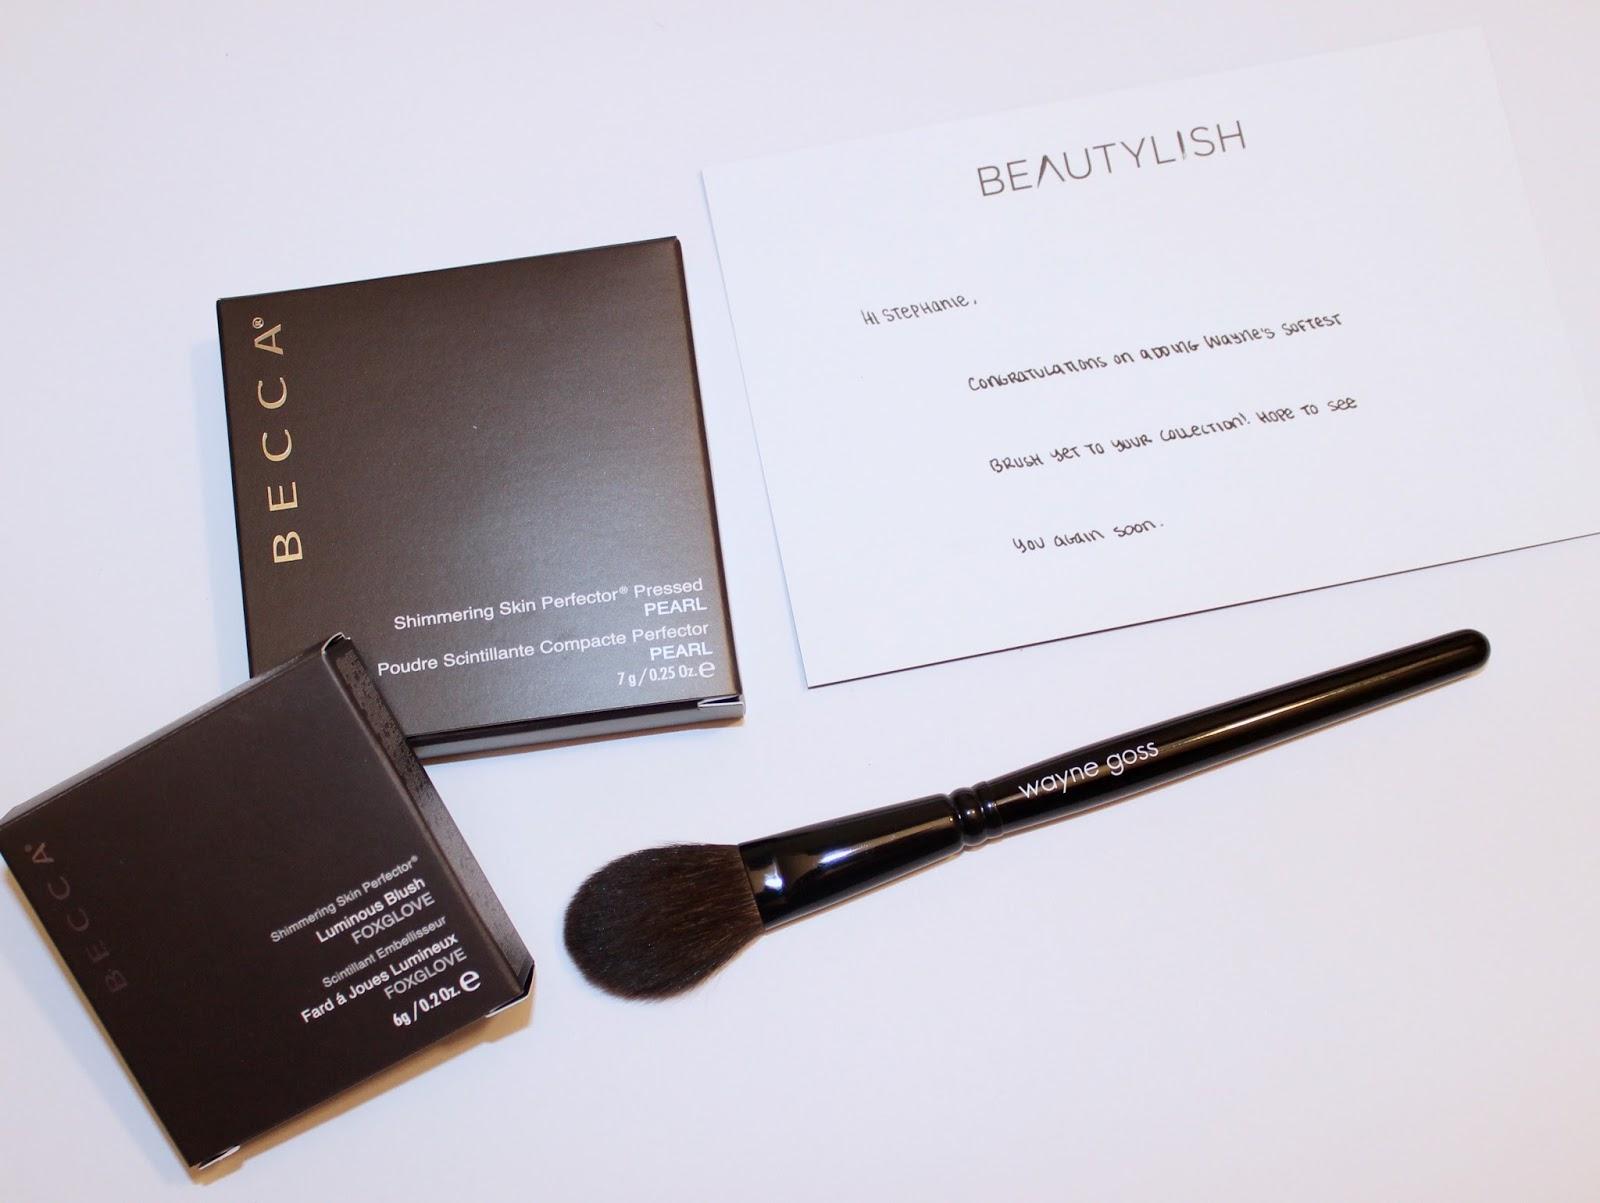 Unboxing The Beautylish Fukuburo Lucky Bag For 2016